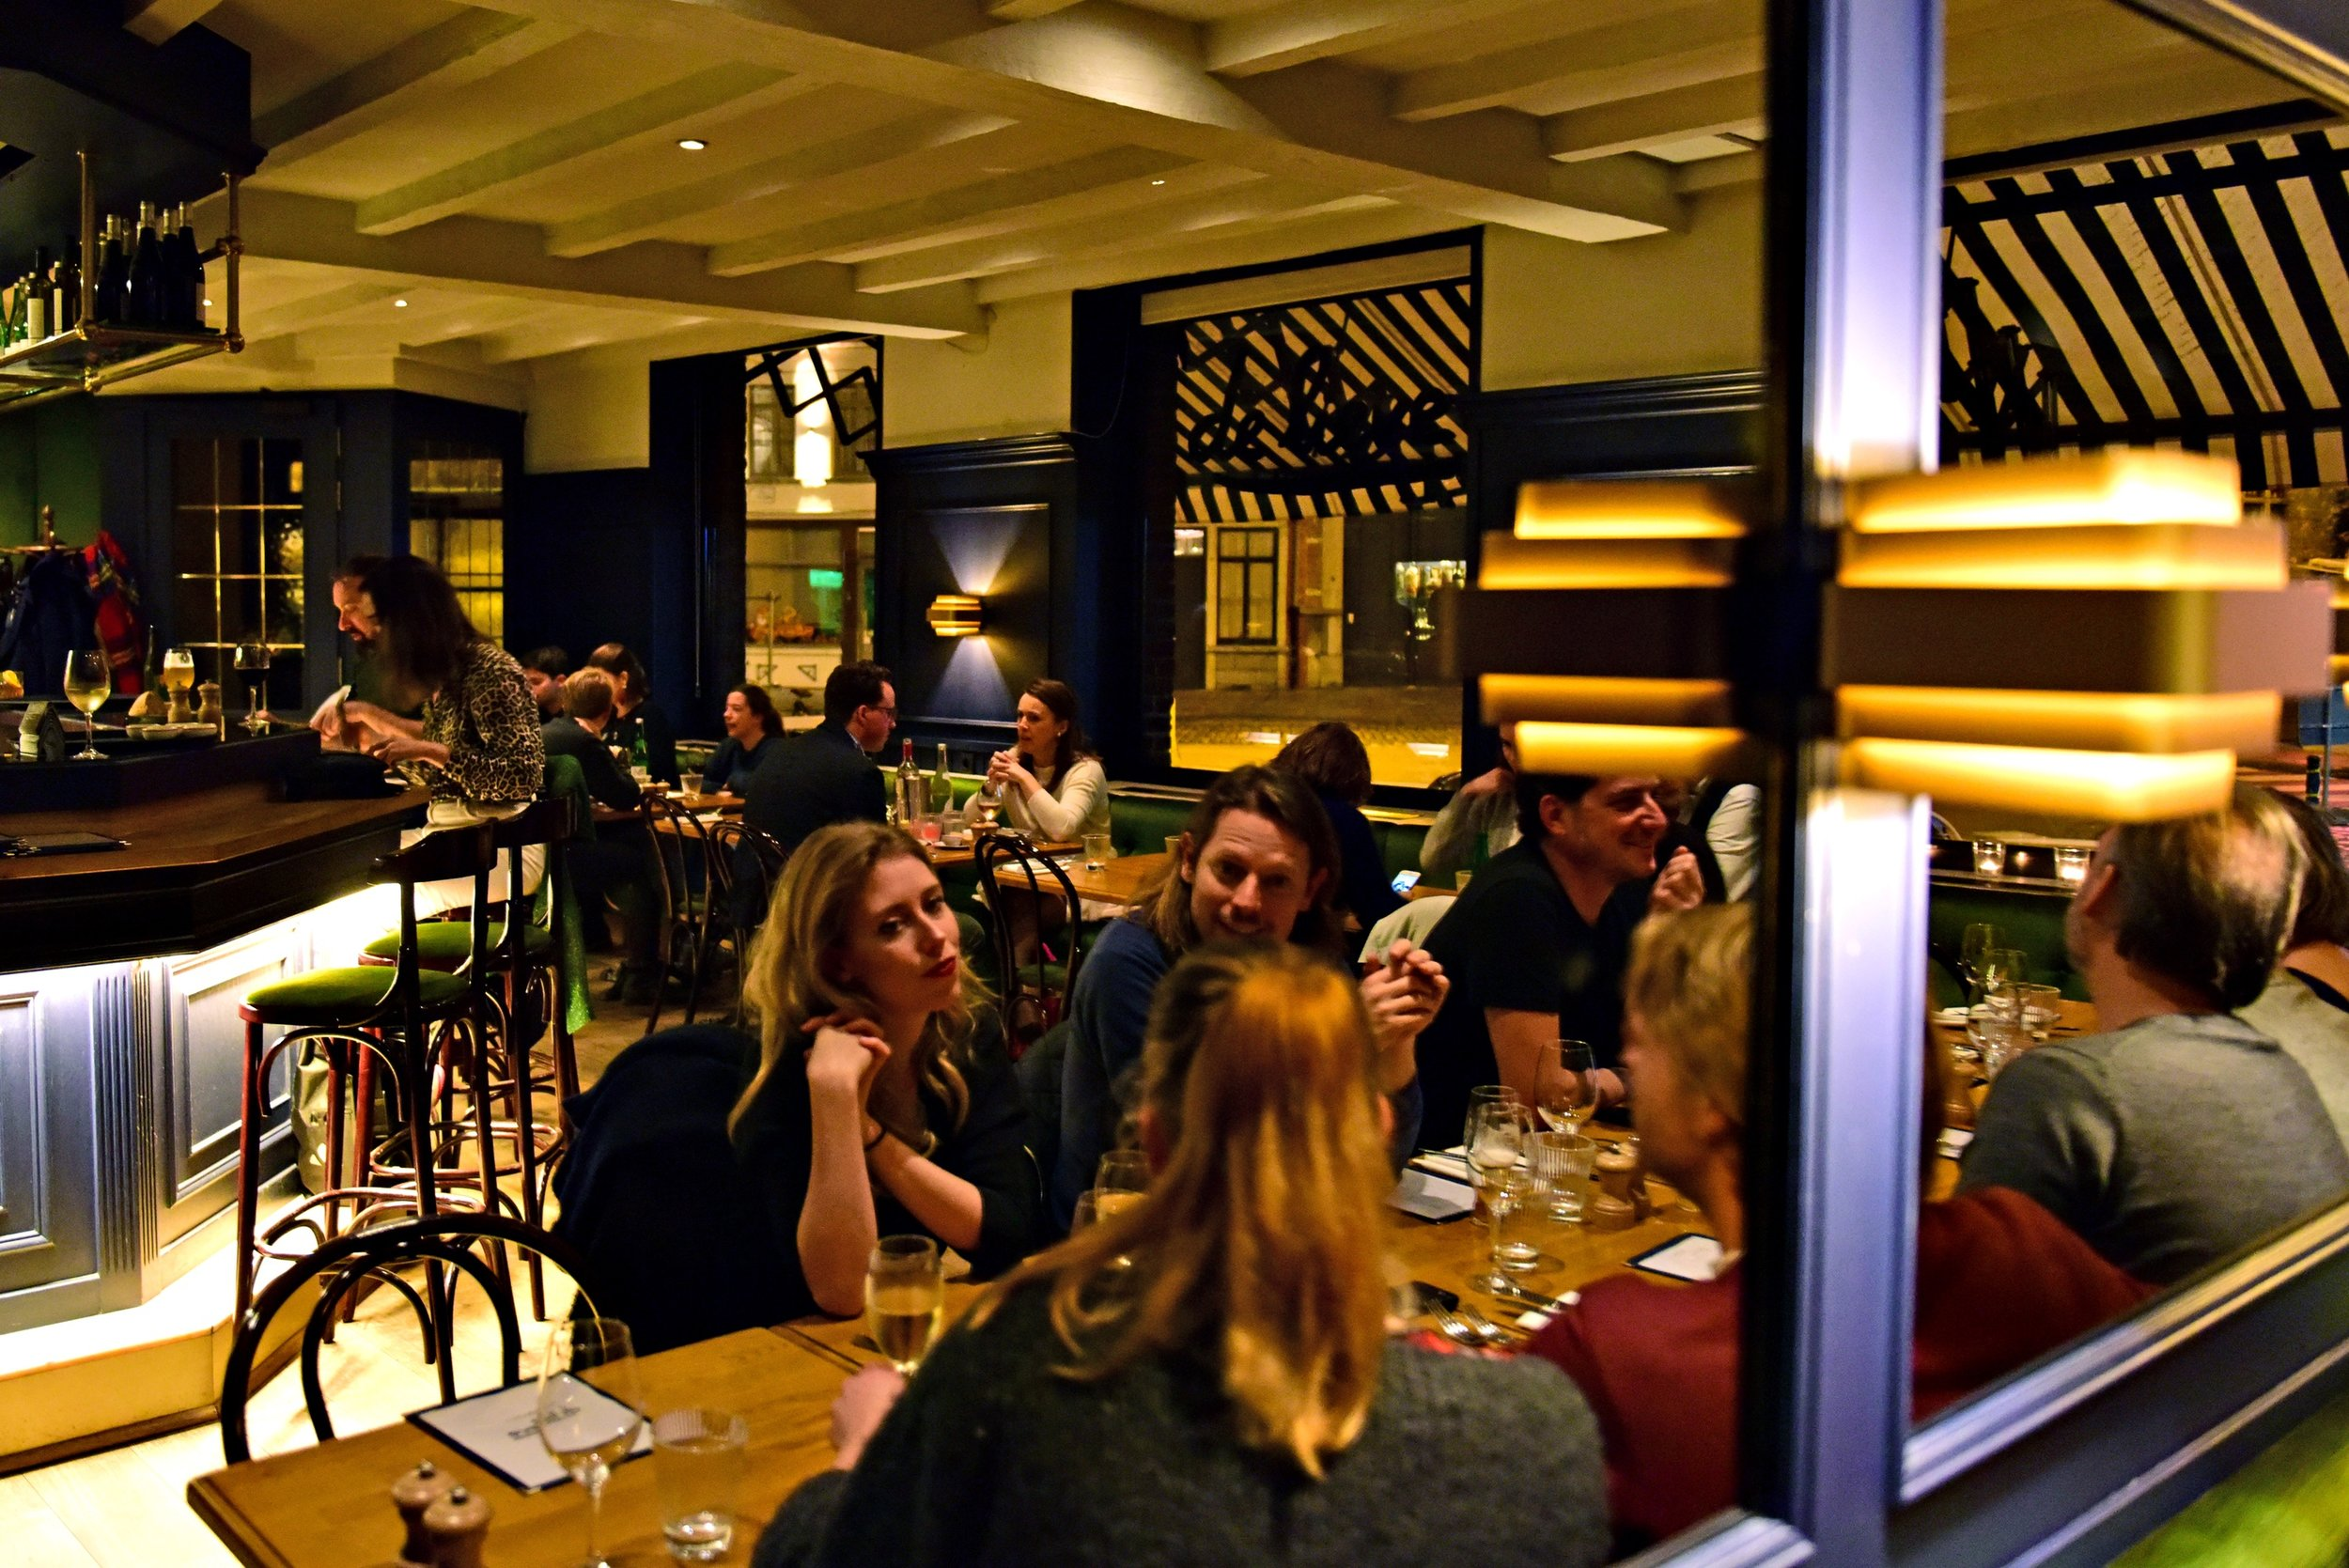 17 restaurant de lieve gent tablefever bart albrecht culinair fotograaf foodfotograafkopie.jpg